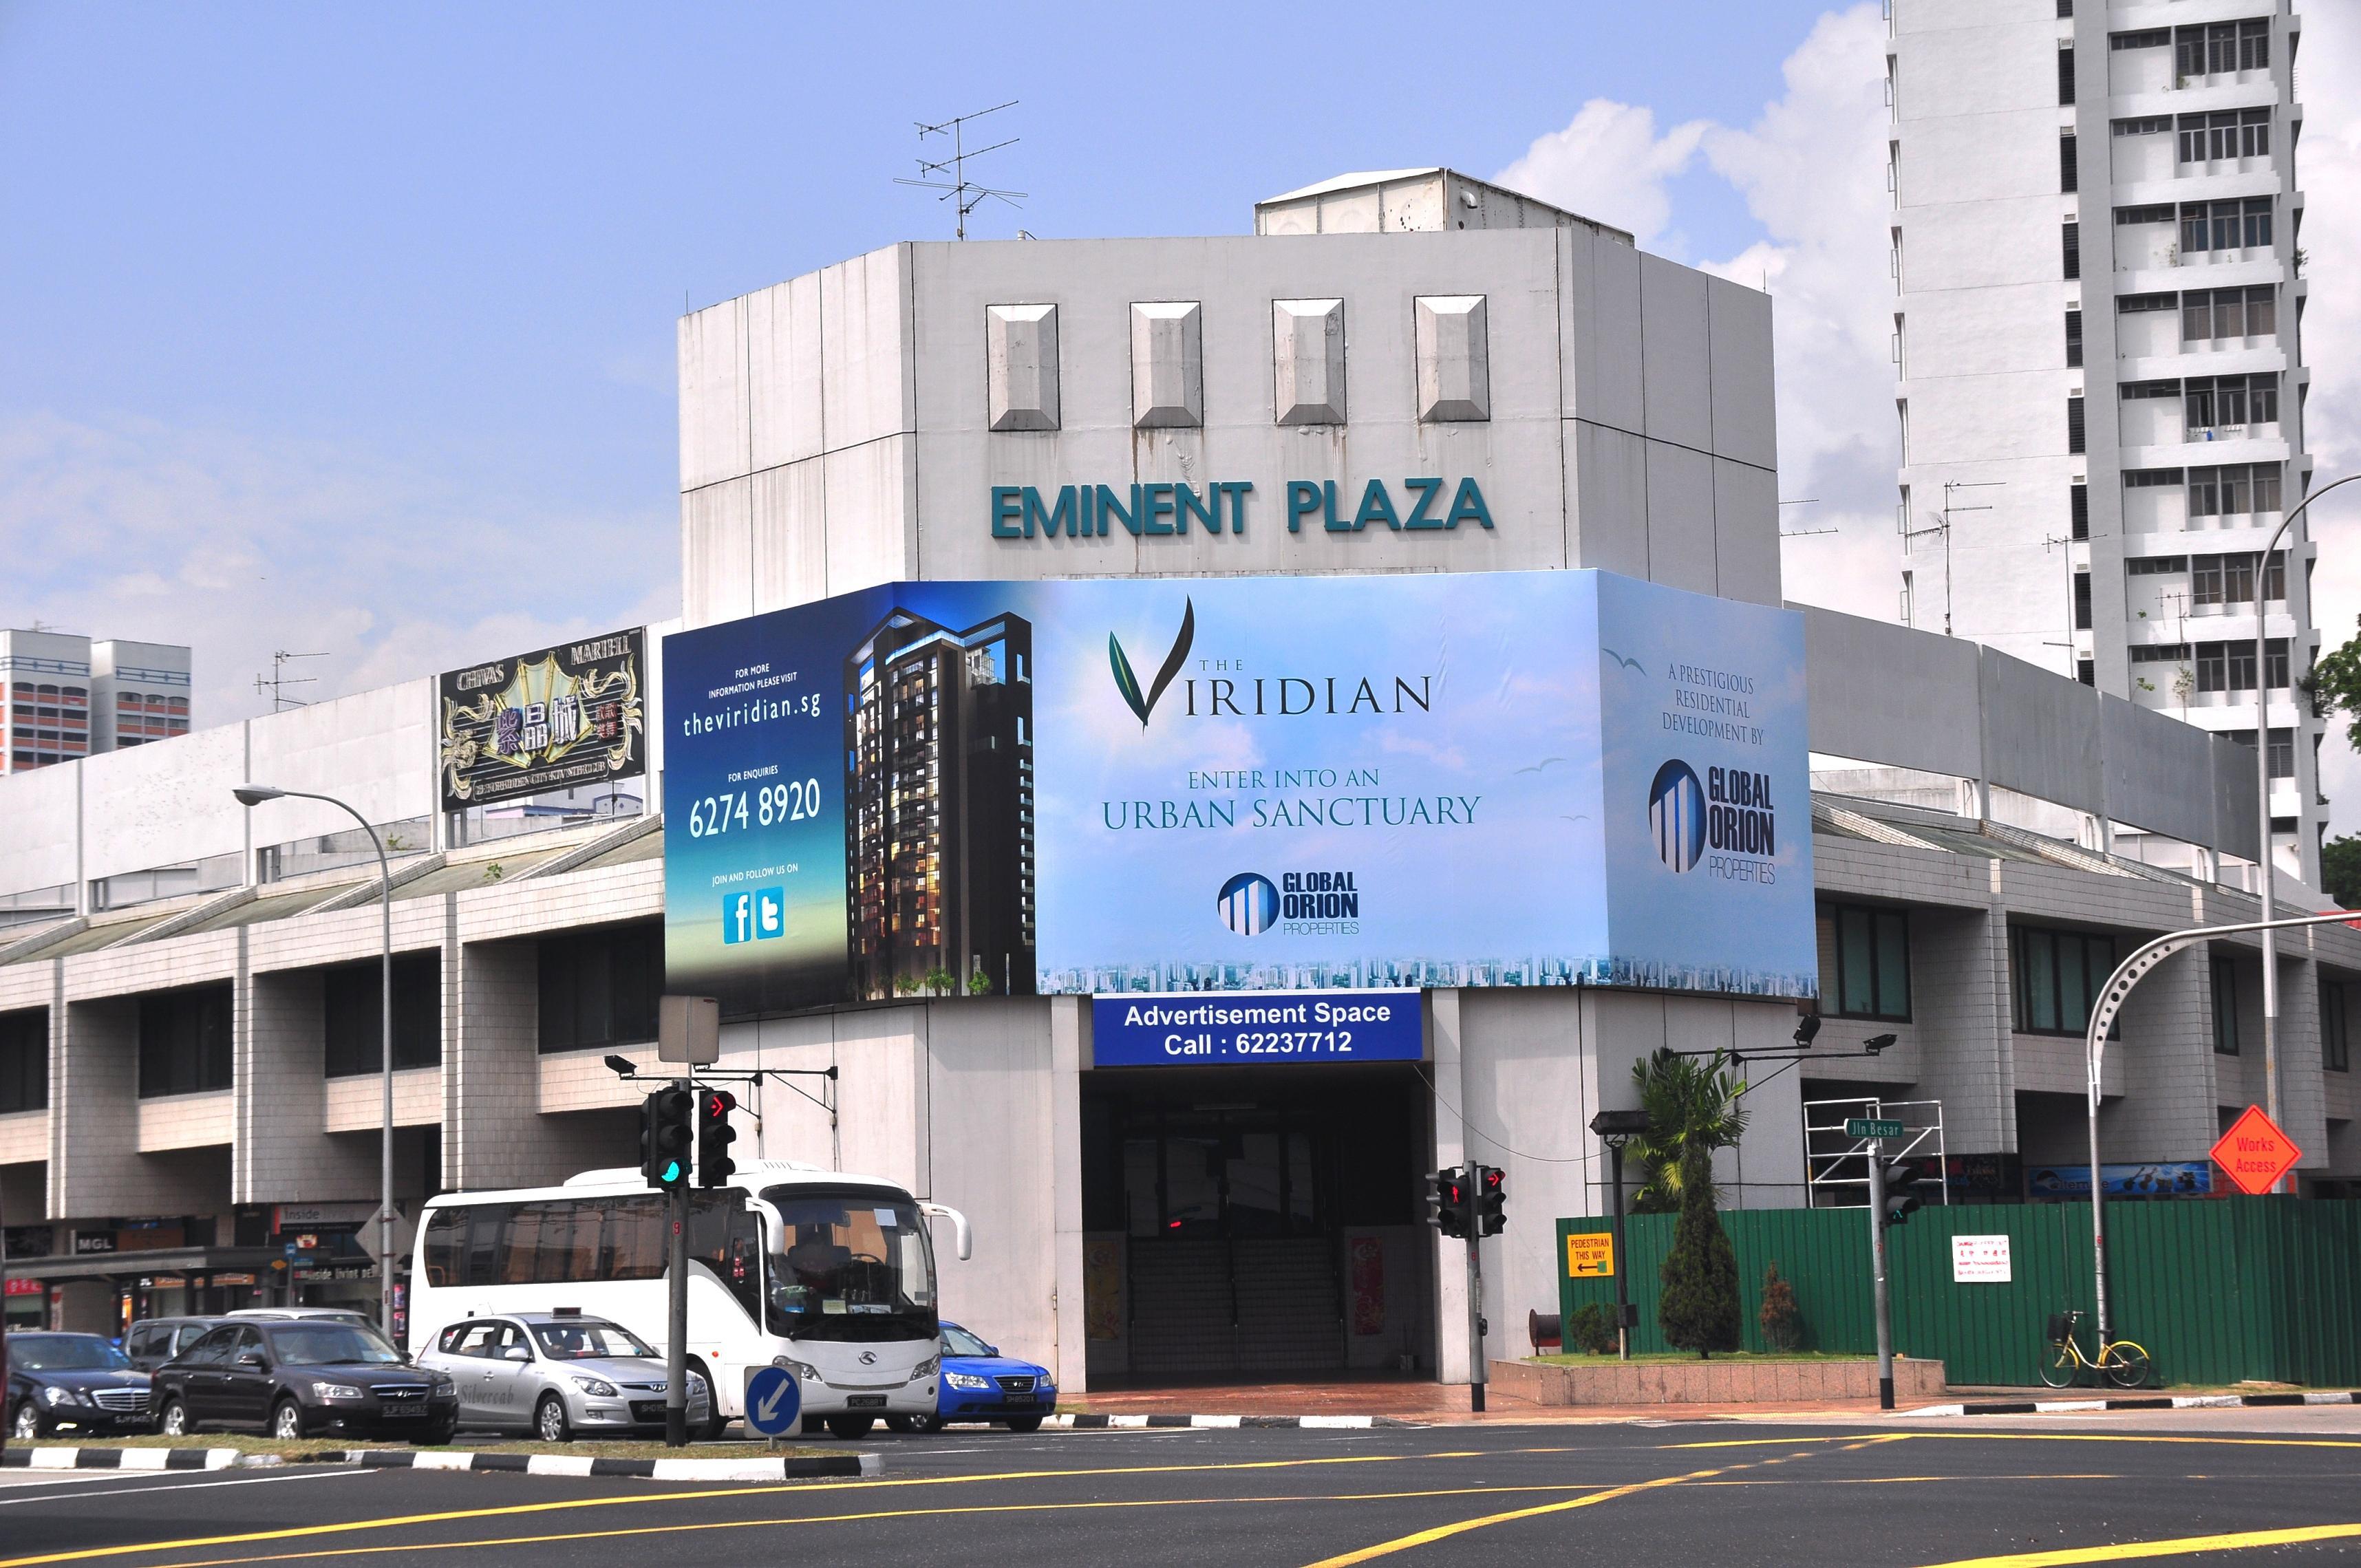 Eminent Plaza